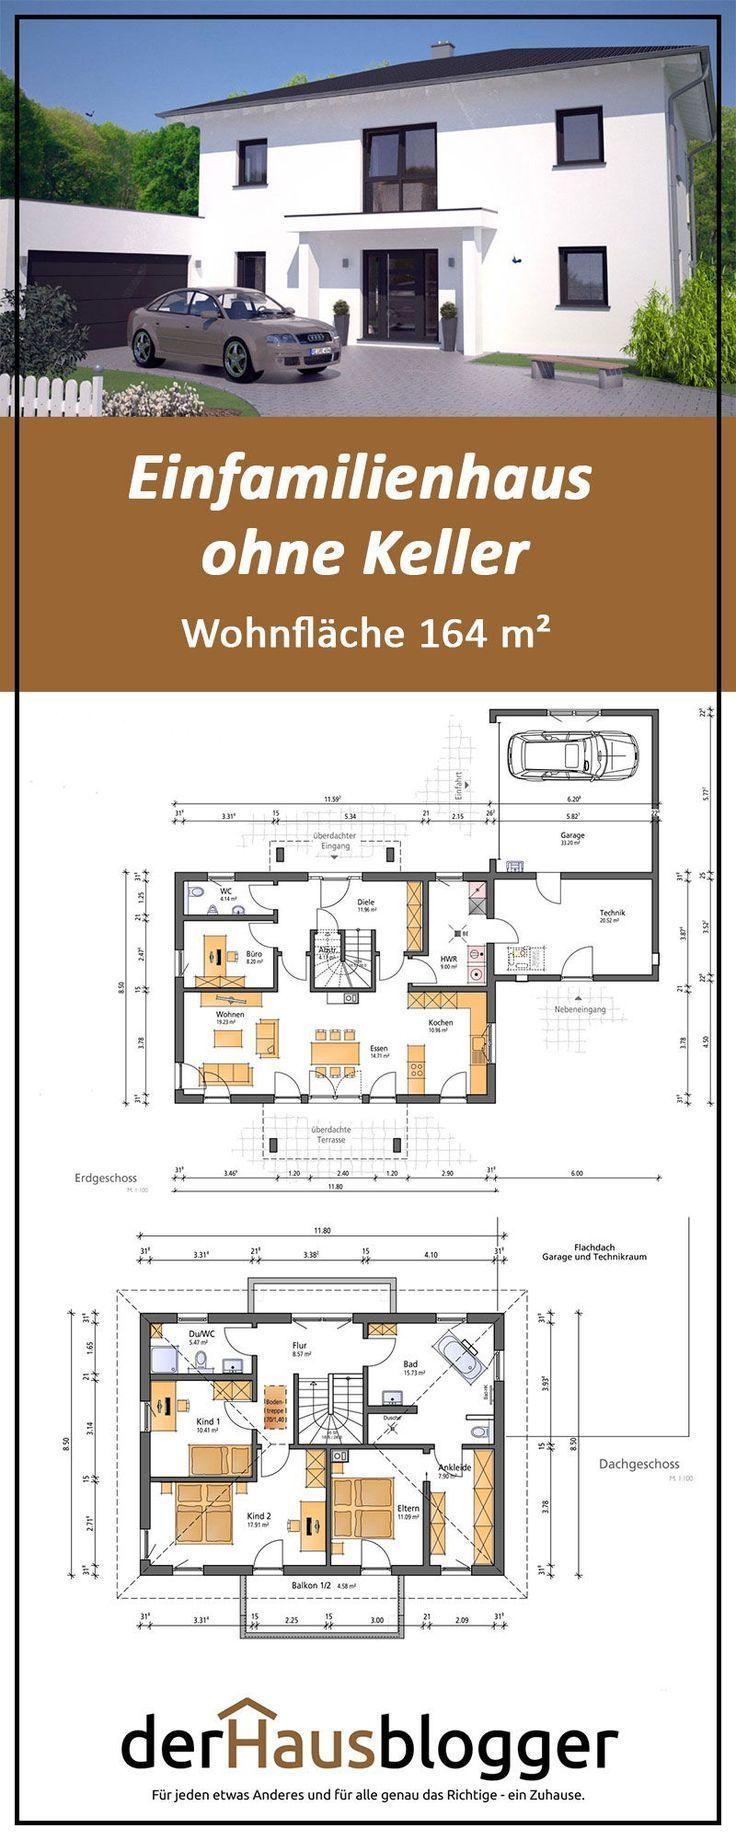 Einfamilienhaus ohne Keller, Wohnfläche 164 m2